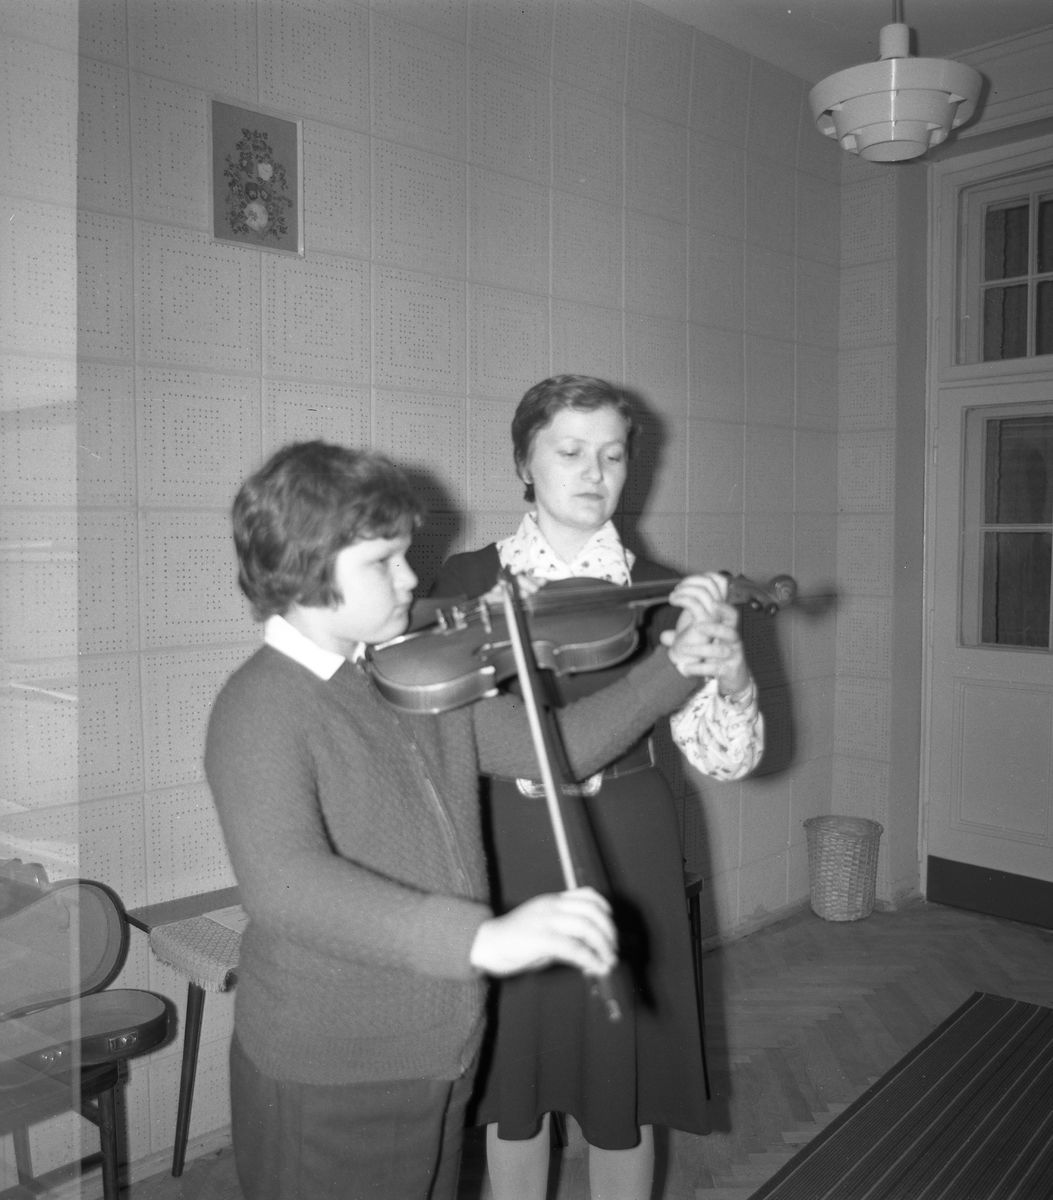 Zajęcia w szkole muzycznej [7]